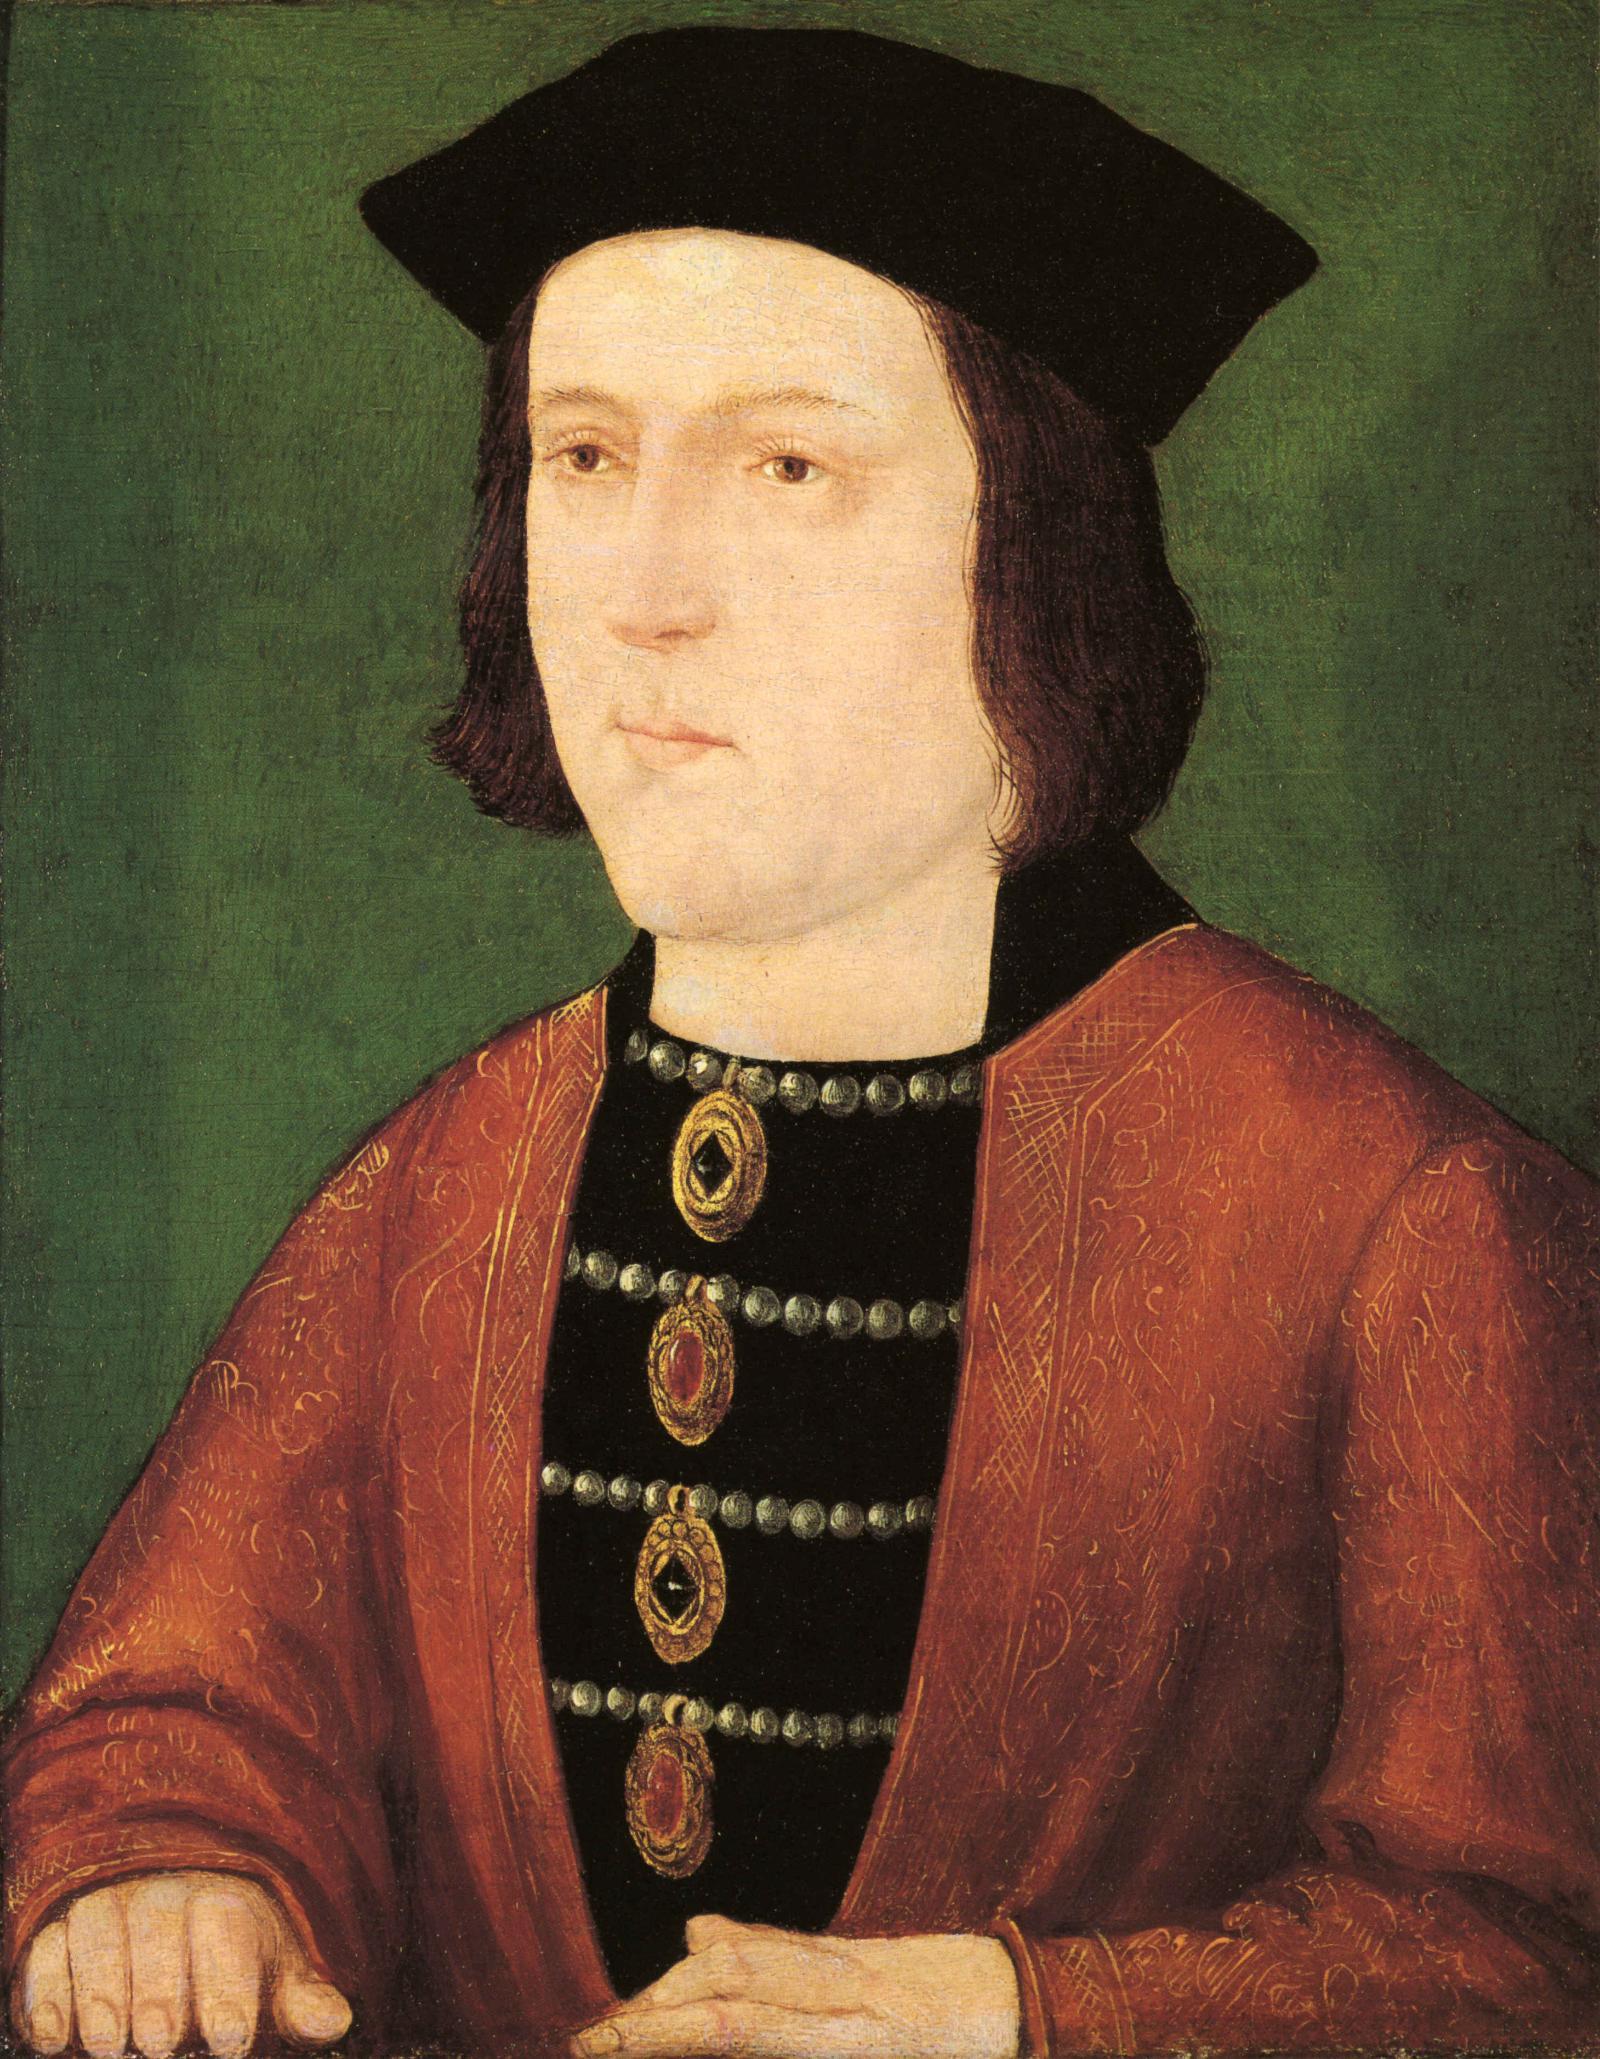 Эдуард IV. Источник: upload. wikimedia.org